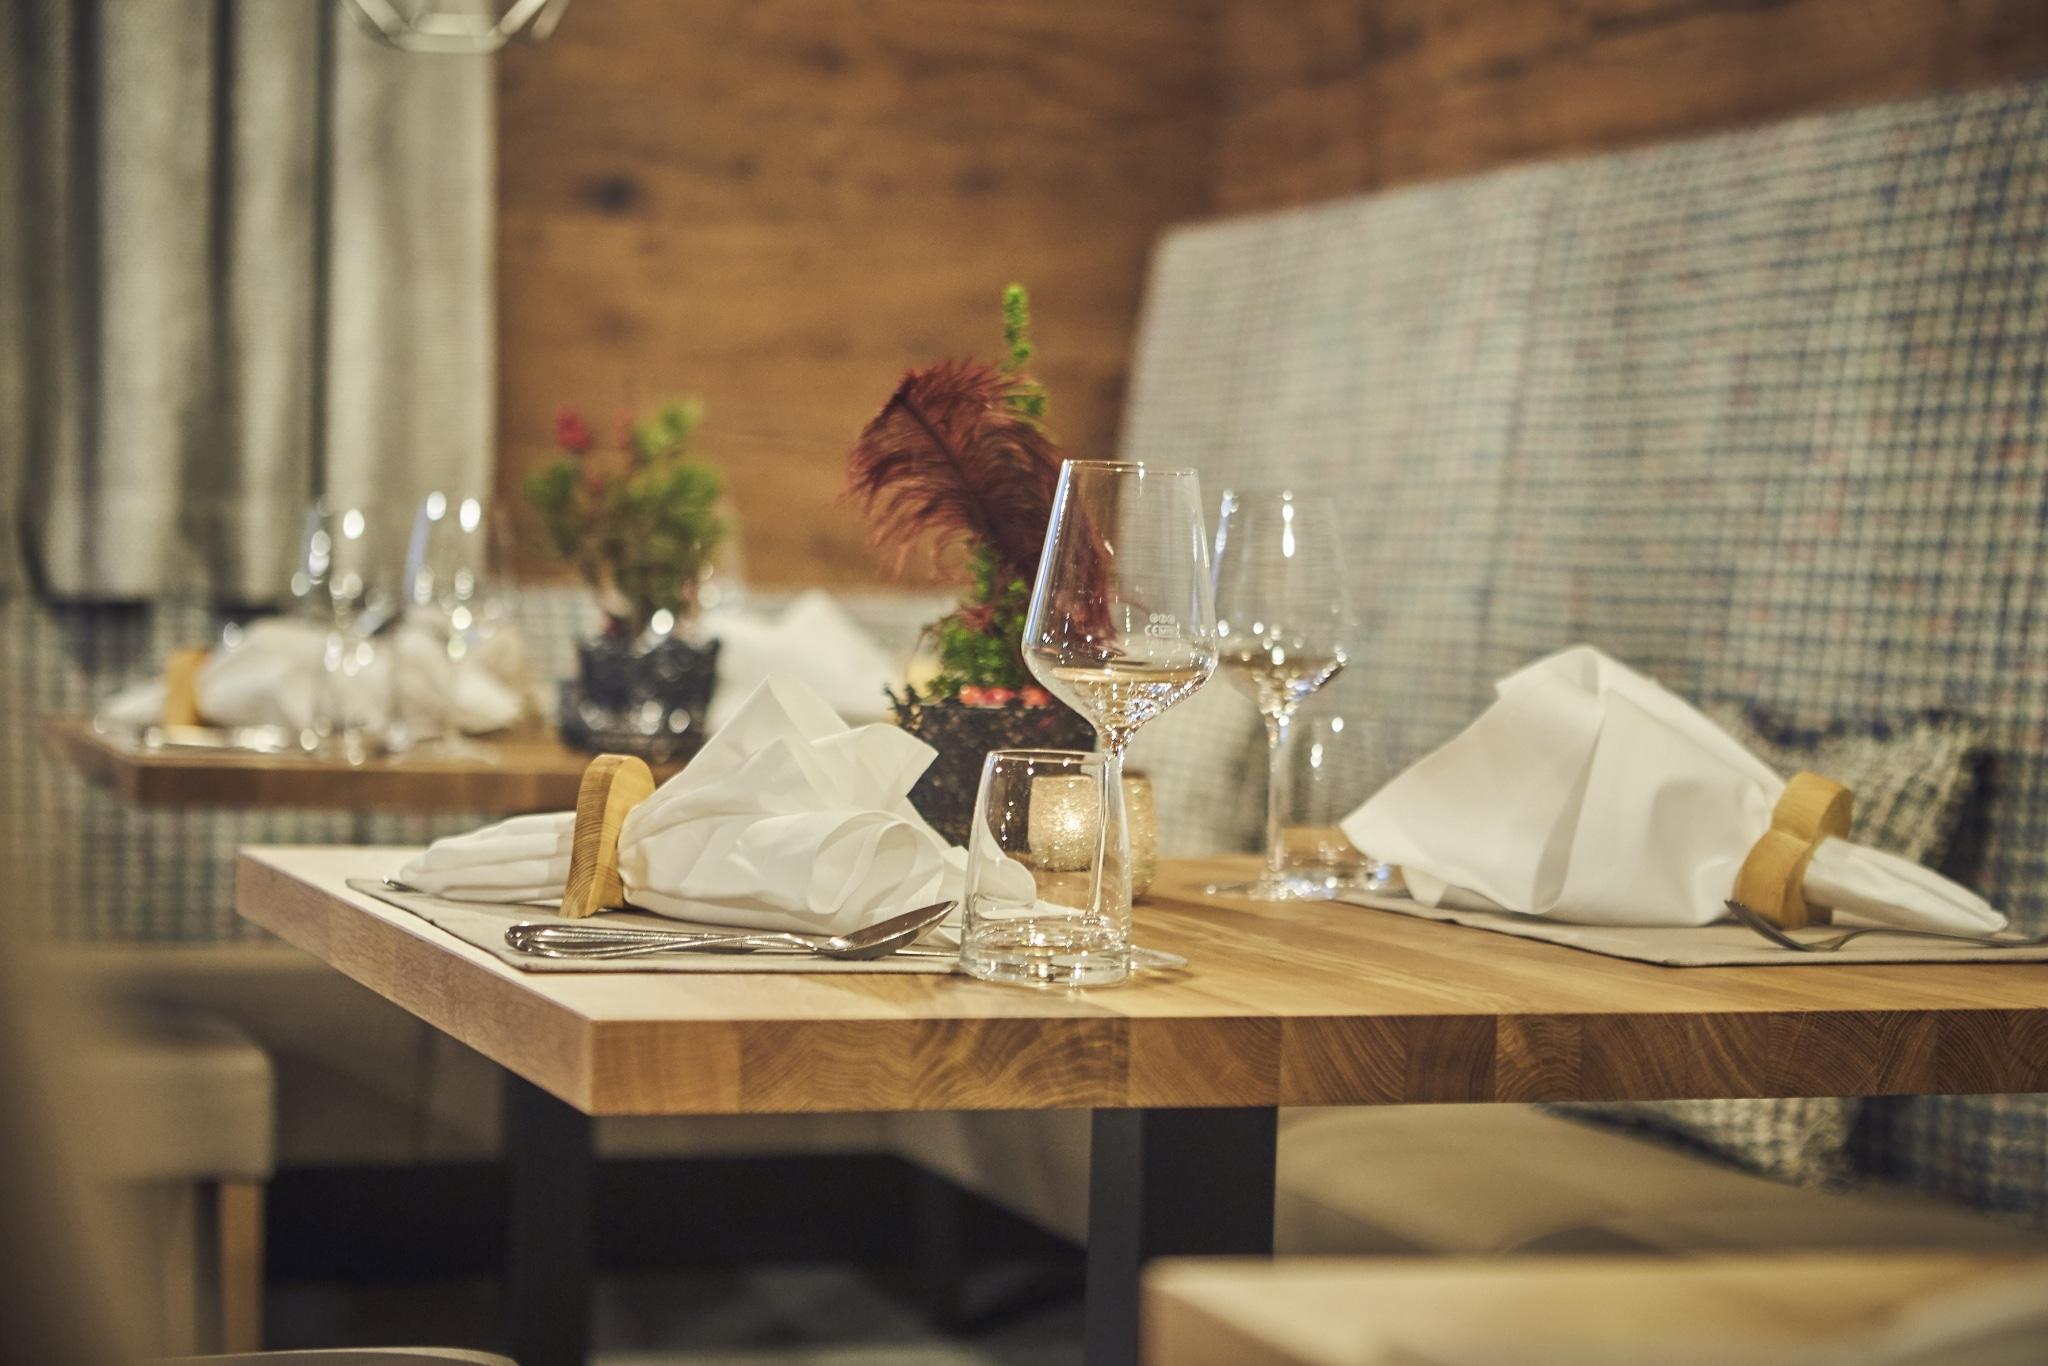 Ein gedeckter Tisch mit Gläsern, Besteck, einer Serviette und Dekoration